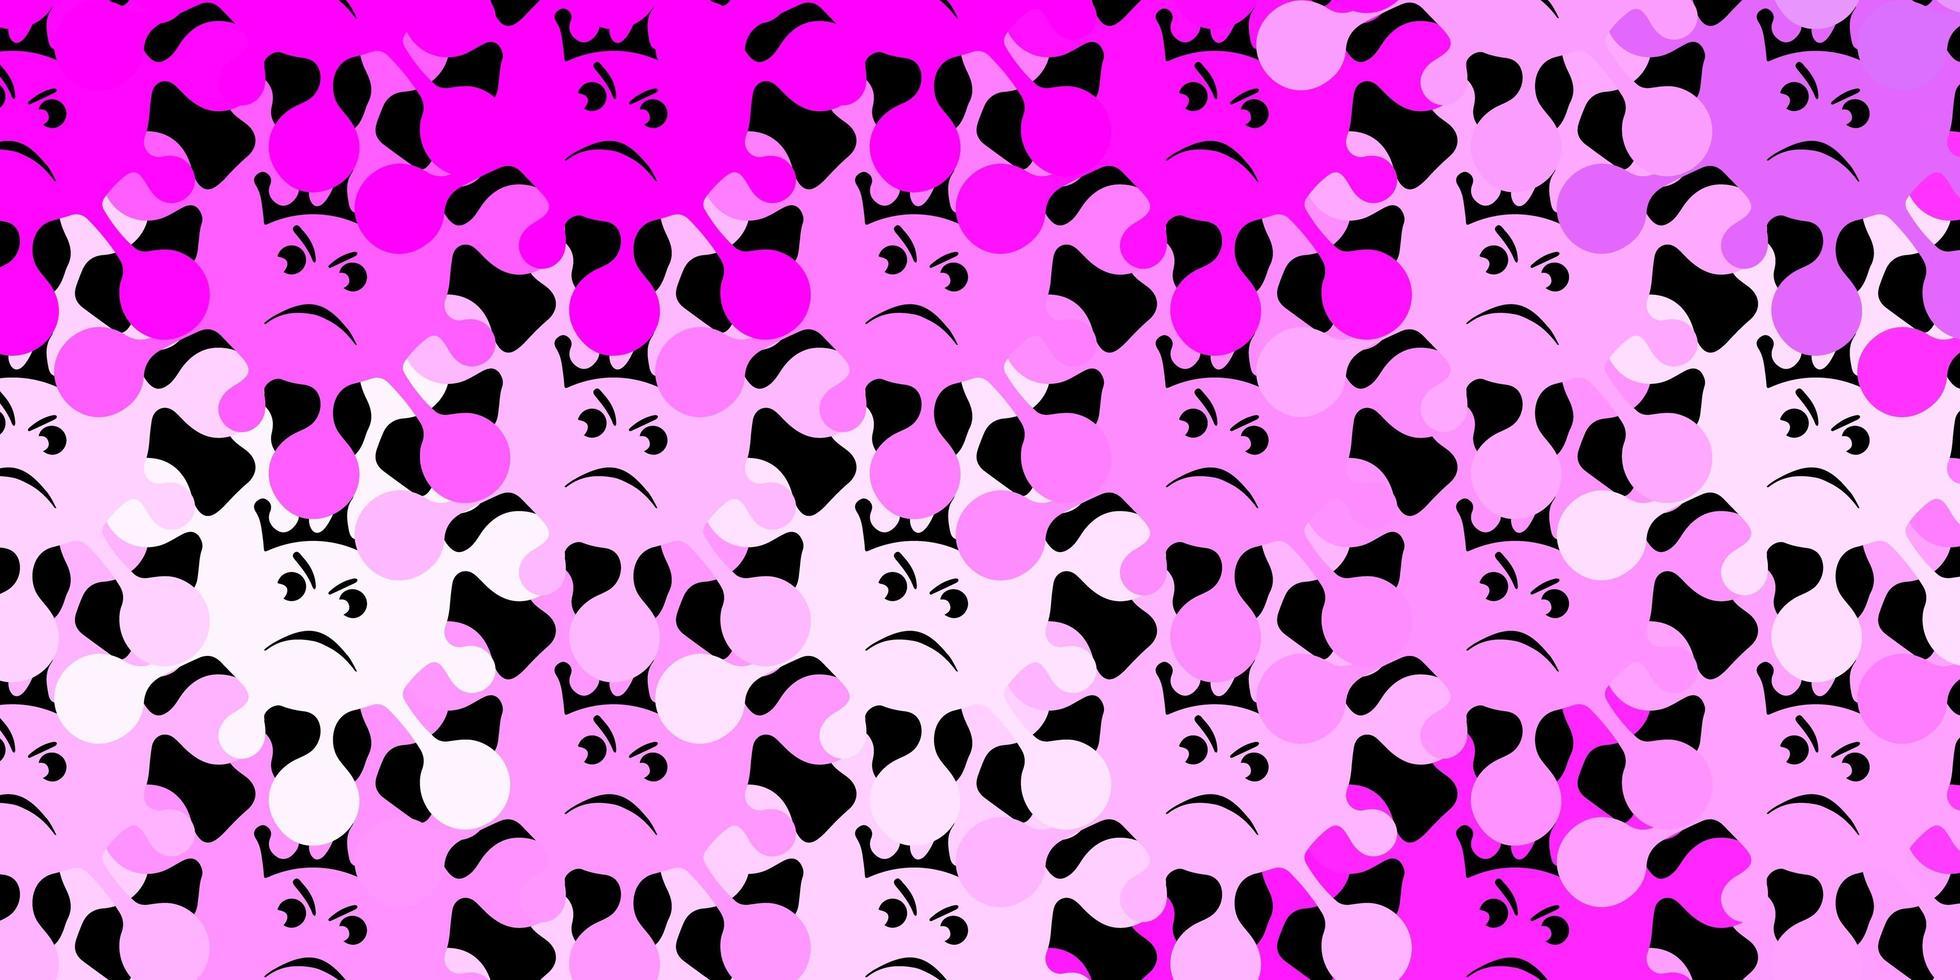 texture vecteur violet foncé avec symboles de la maladie